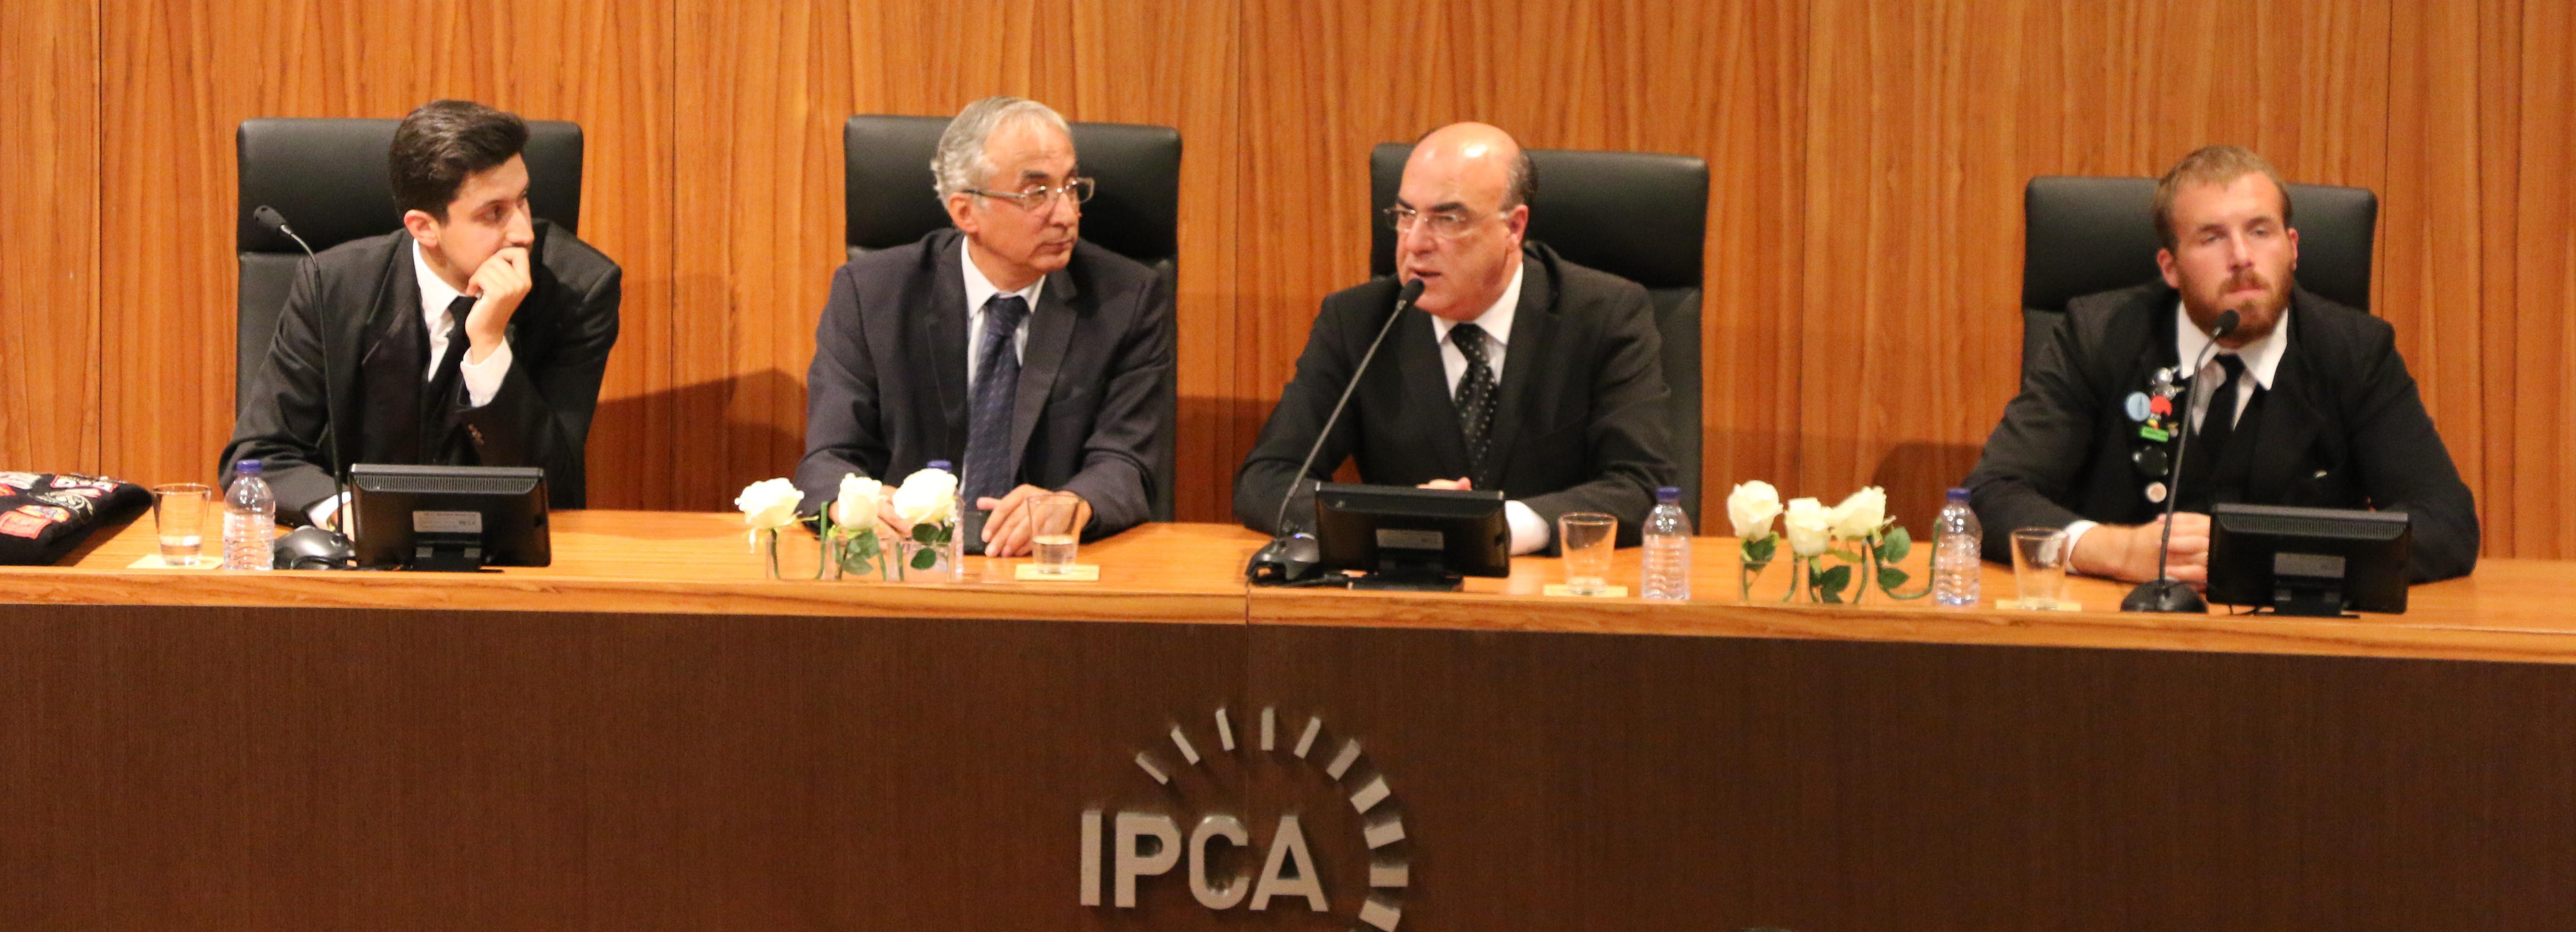 Presidente da Câmara presente na receção aos novos alunos do IPCA